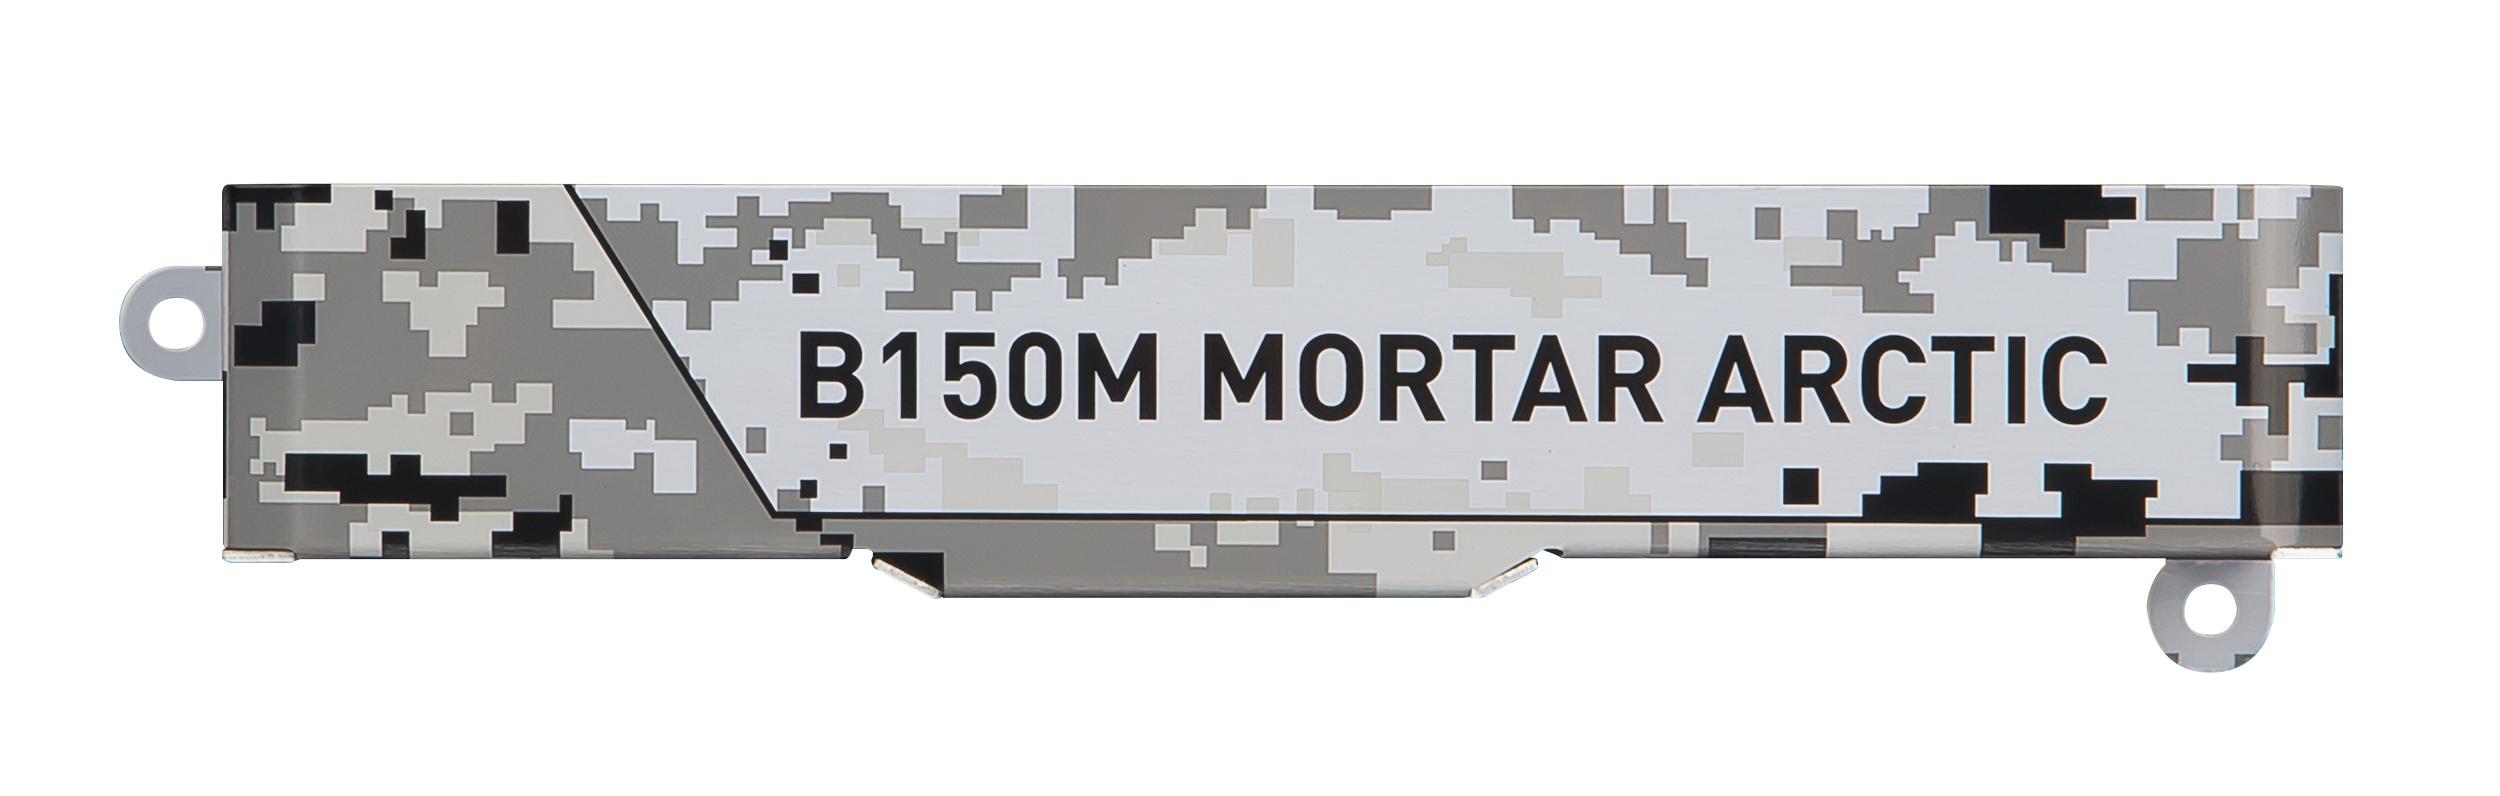 B150M Mortar Arctic: MSI bringt weißes und günstiges Mainboard - B150M Mortar Arctic (Bild: MSI)